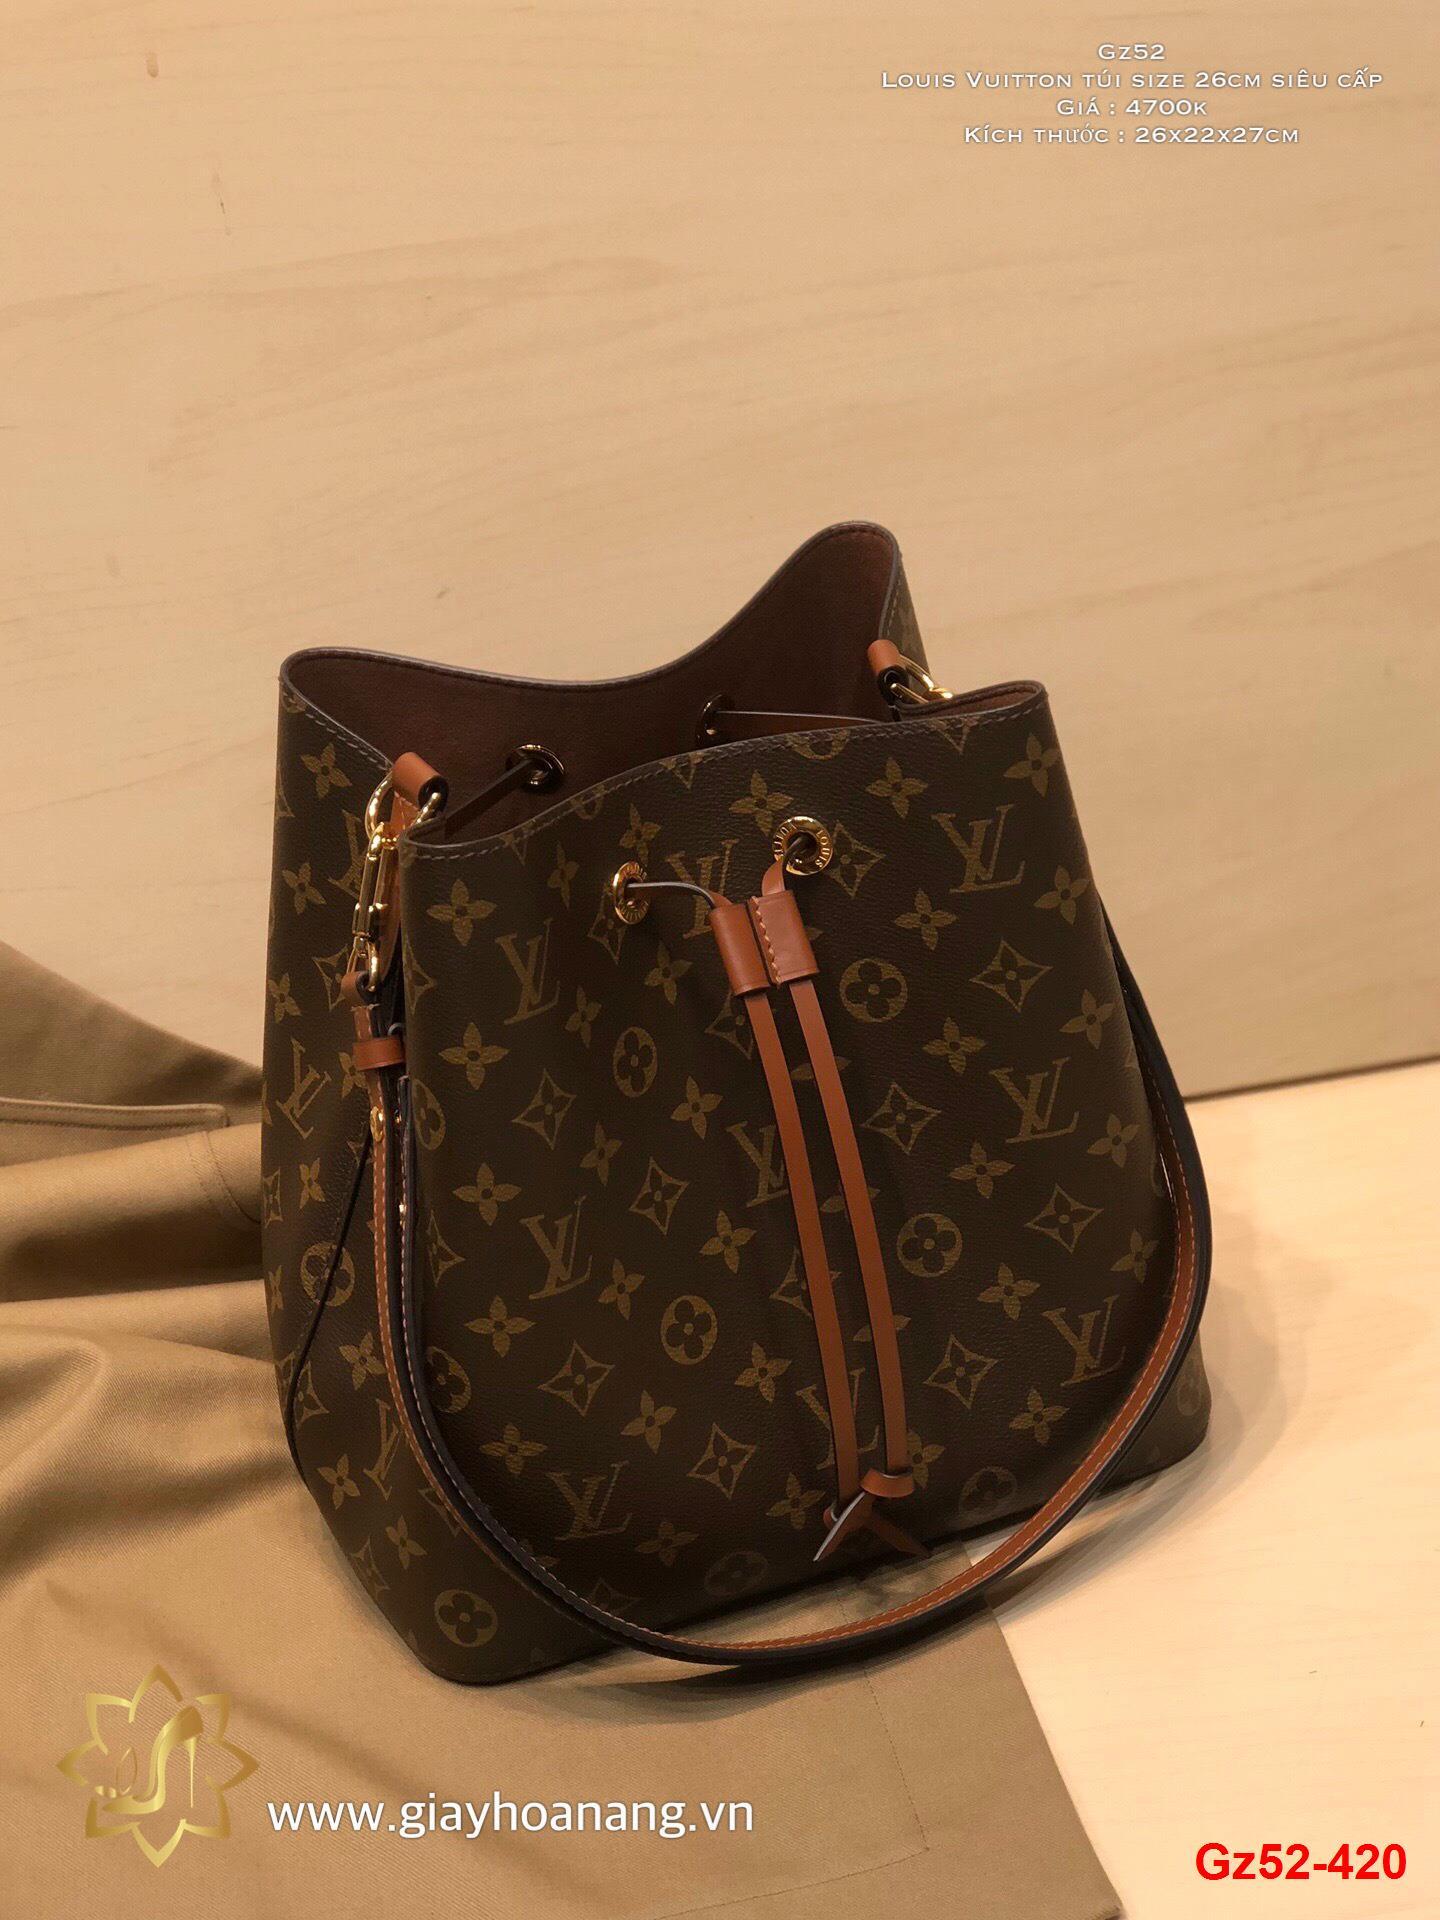 Gz52-420 Louis Vuitton túi size 26cm siêu cấp